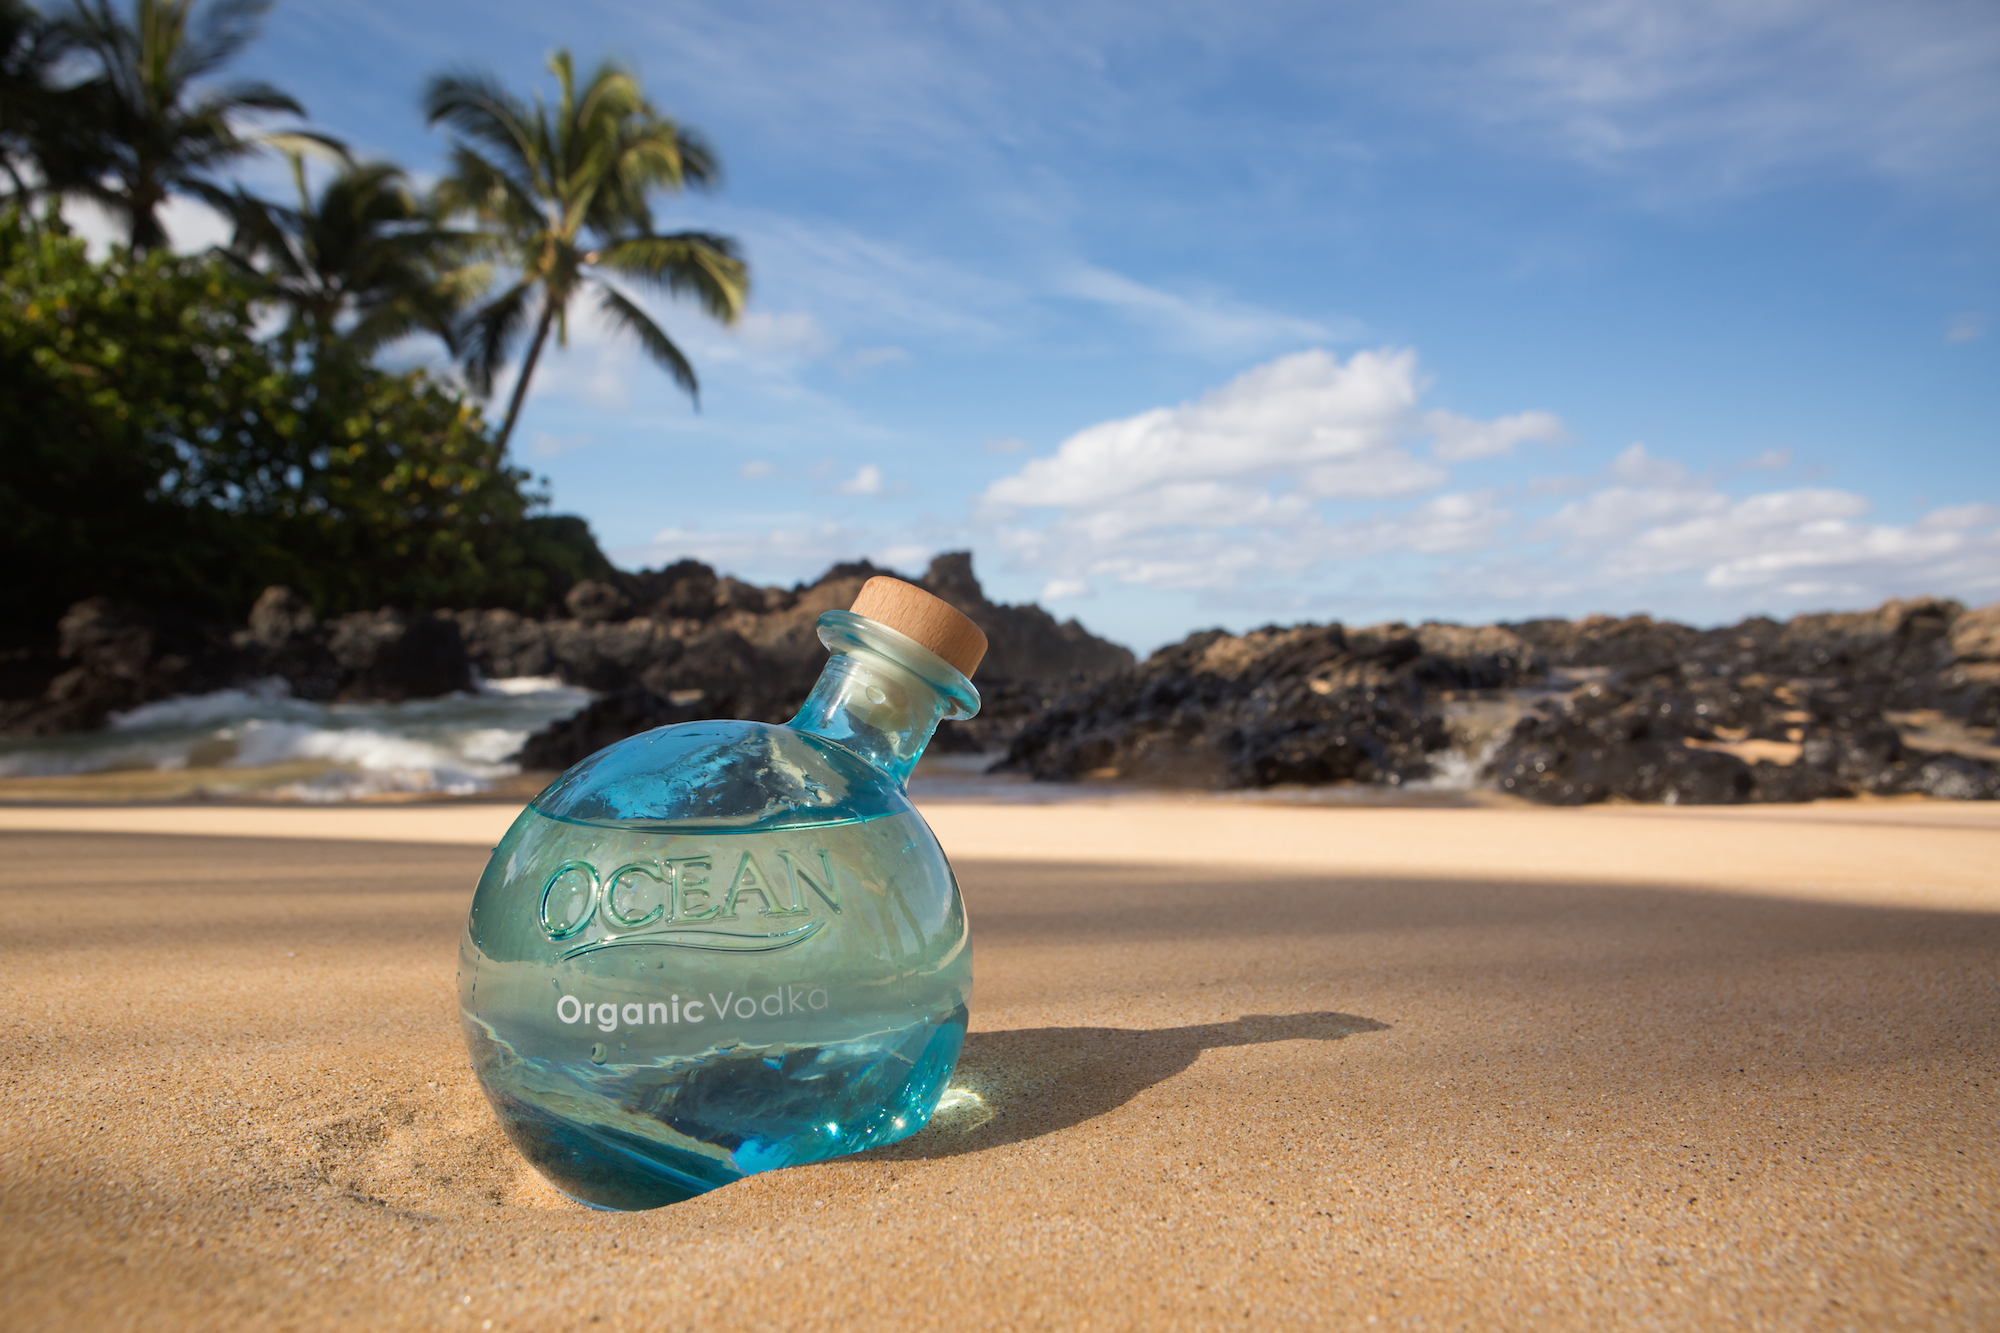 OCEAN Organic Vodka - Made in Hawaii